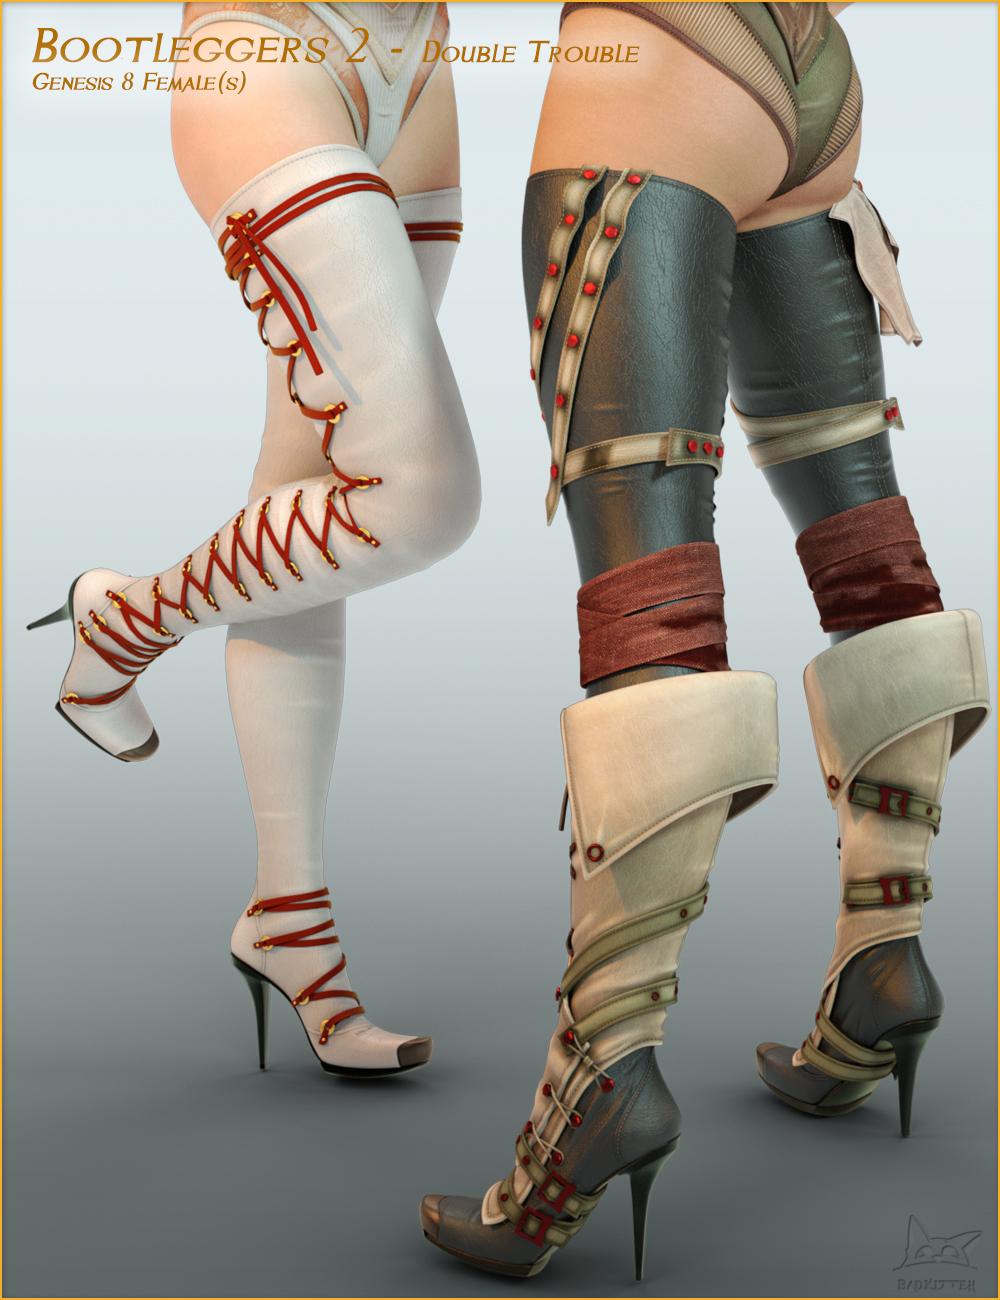 Bootleggers 2 - Double Trouble for Genesis 8 Female(s) by: BadKitteh Co, 3D Models by Daz 3D